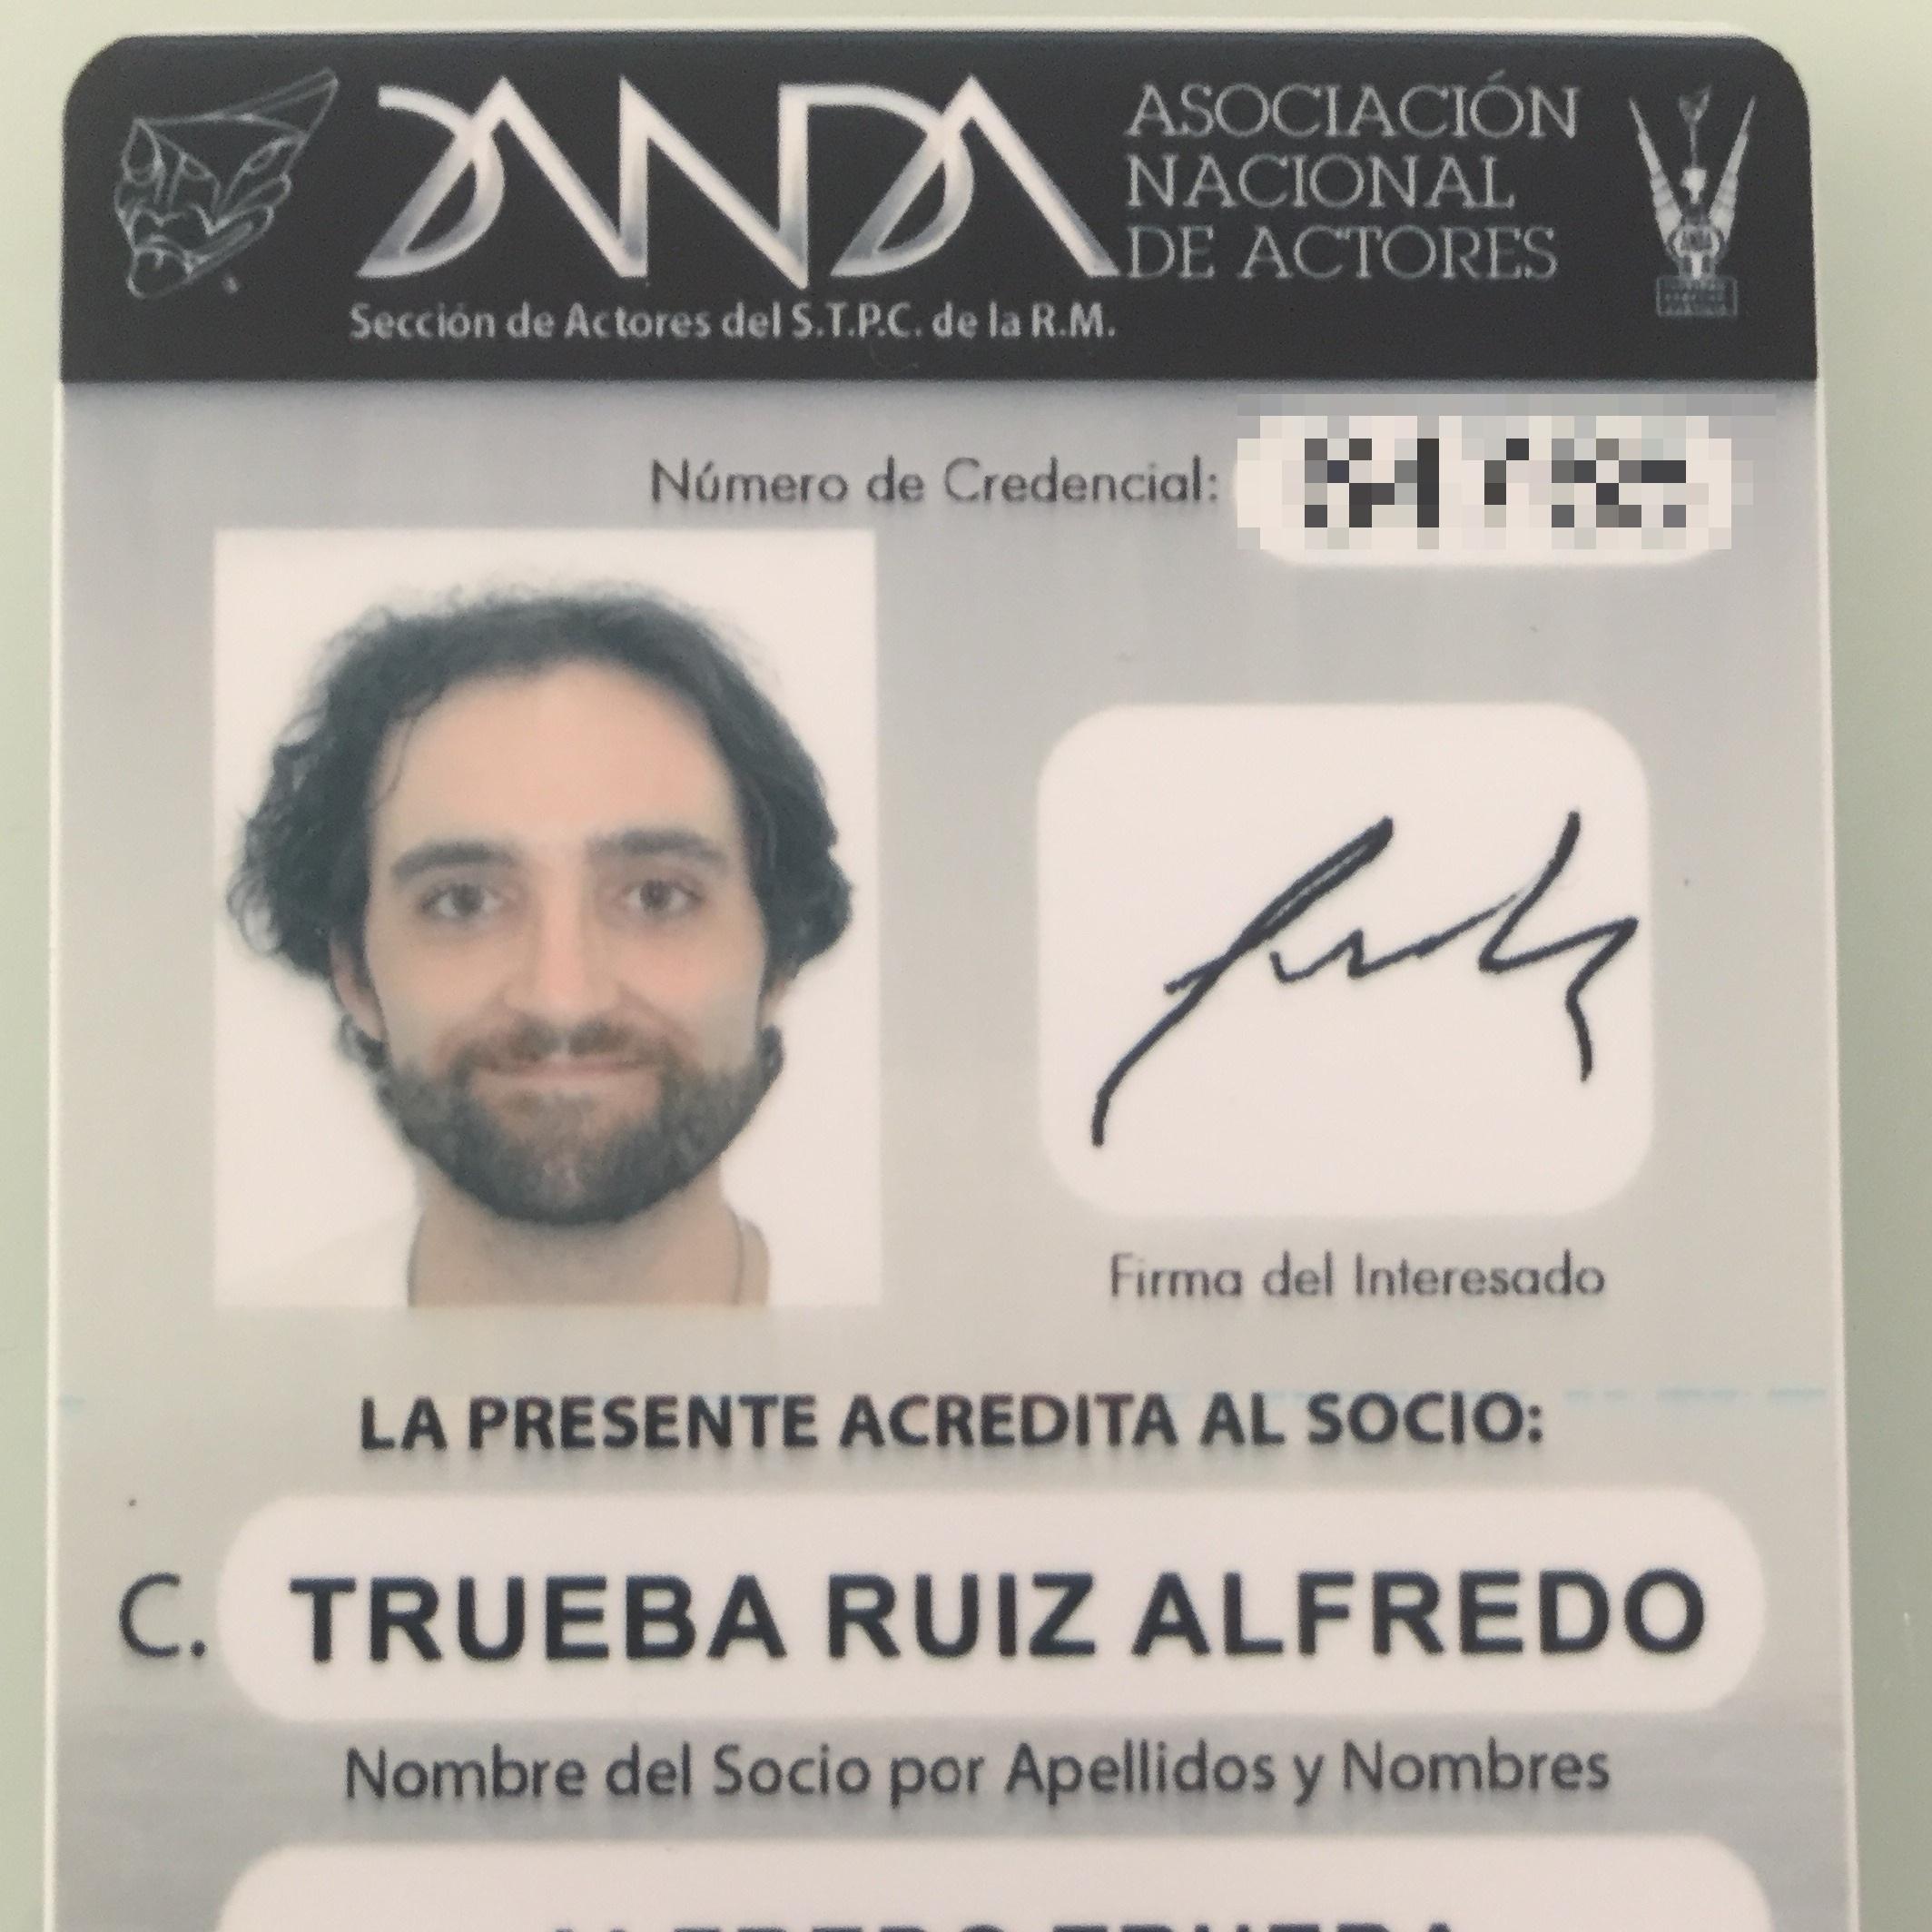 ANDA (Asociación Nacional de Actores)